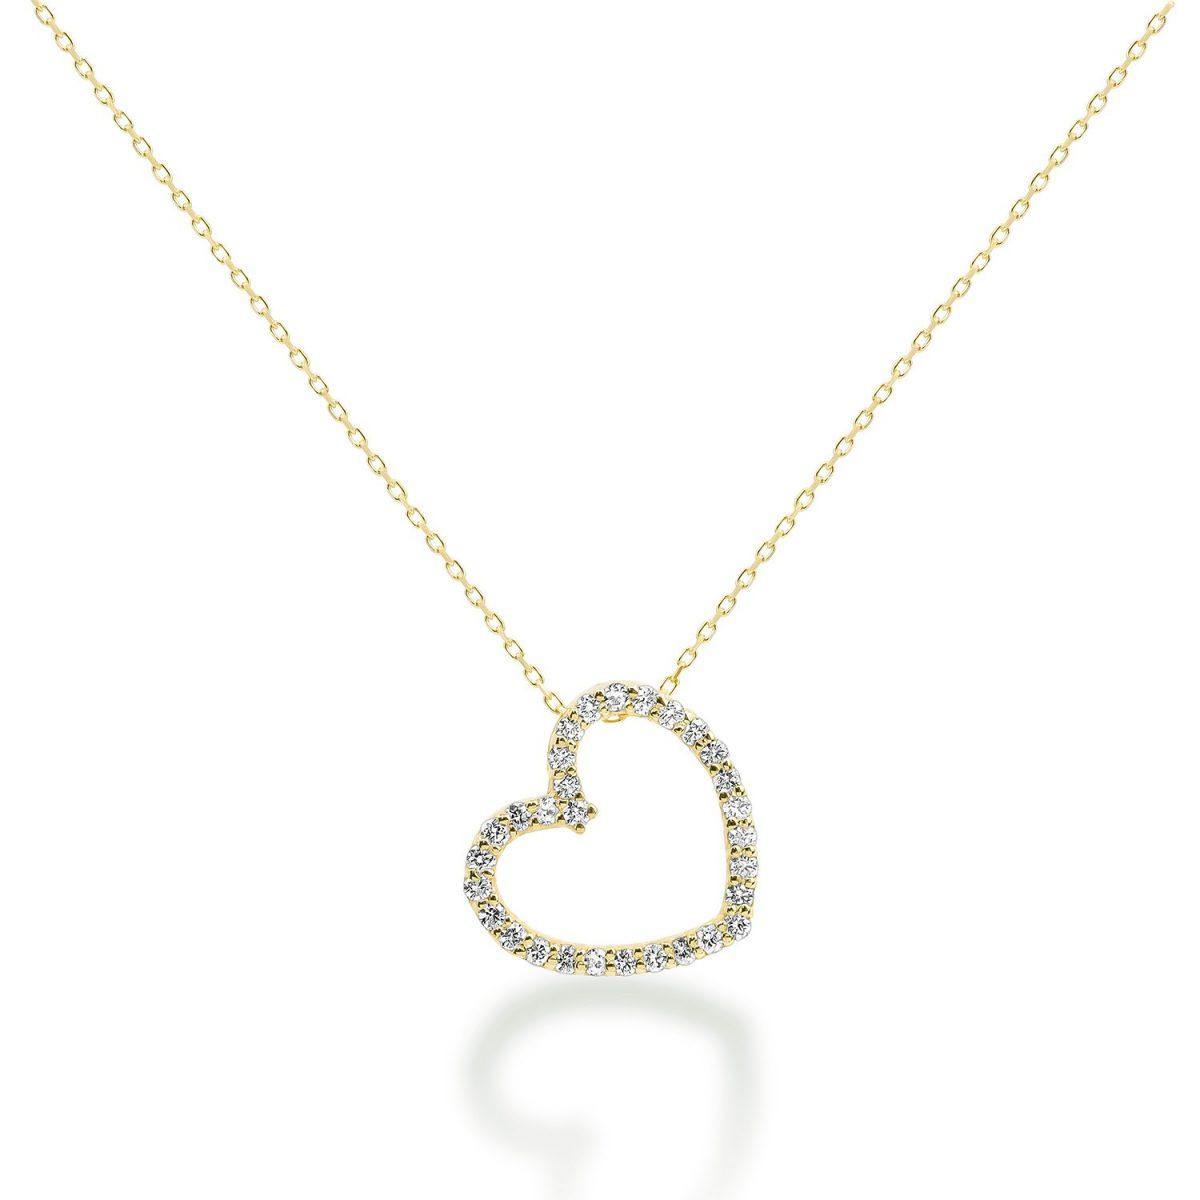 שרשרת יהלומים לב - love